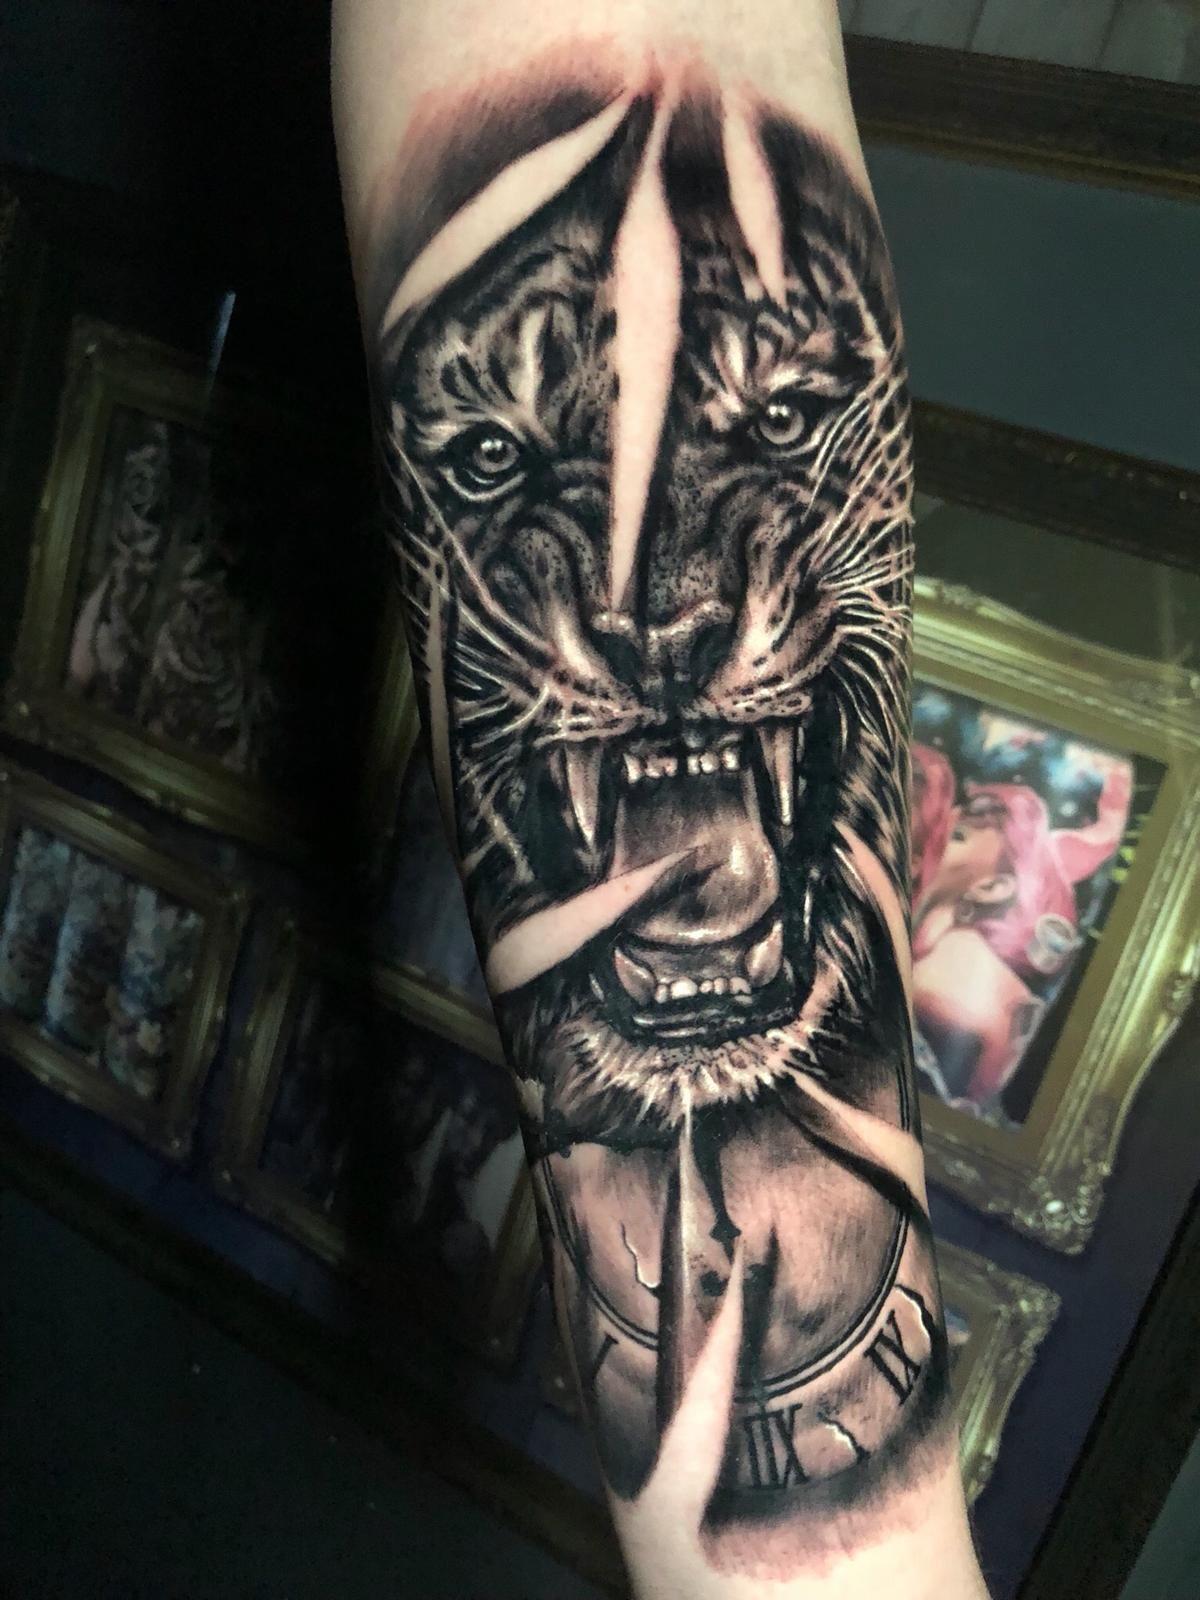 Tiger Tattoo Artist Renarto Www Holytrinitytattoos Co Uk Email Us Holytrinitytattoos Gmail Com Send U Tattoos Tiger Tattoo Tattoo Studio